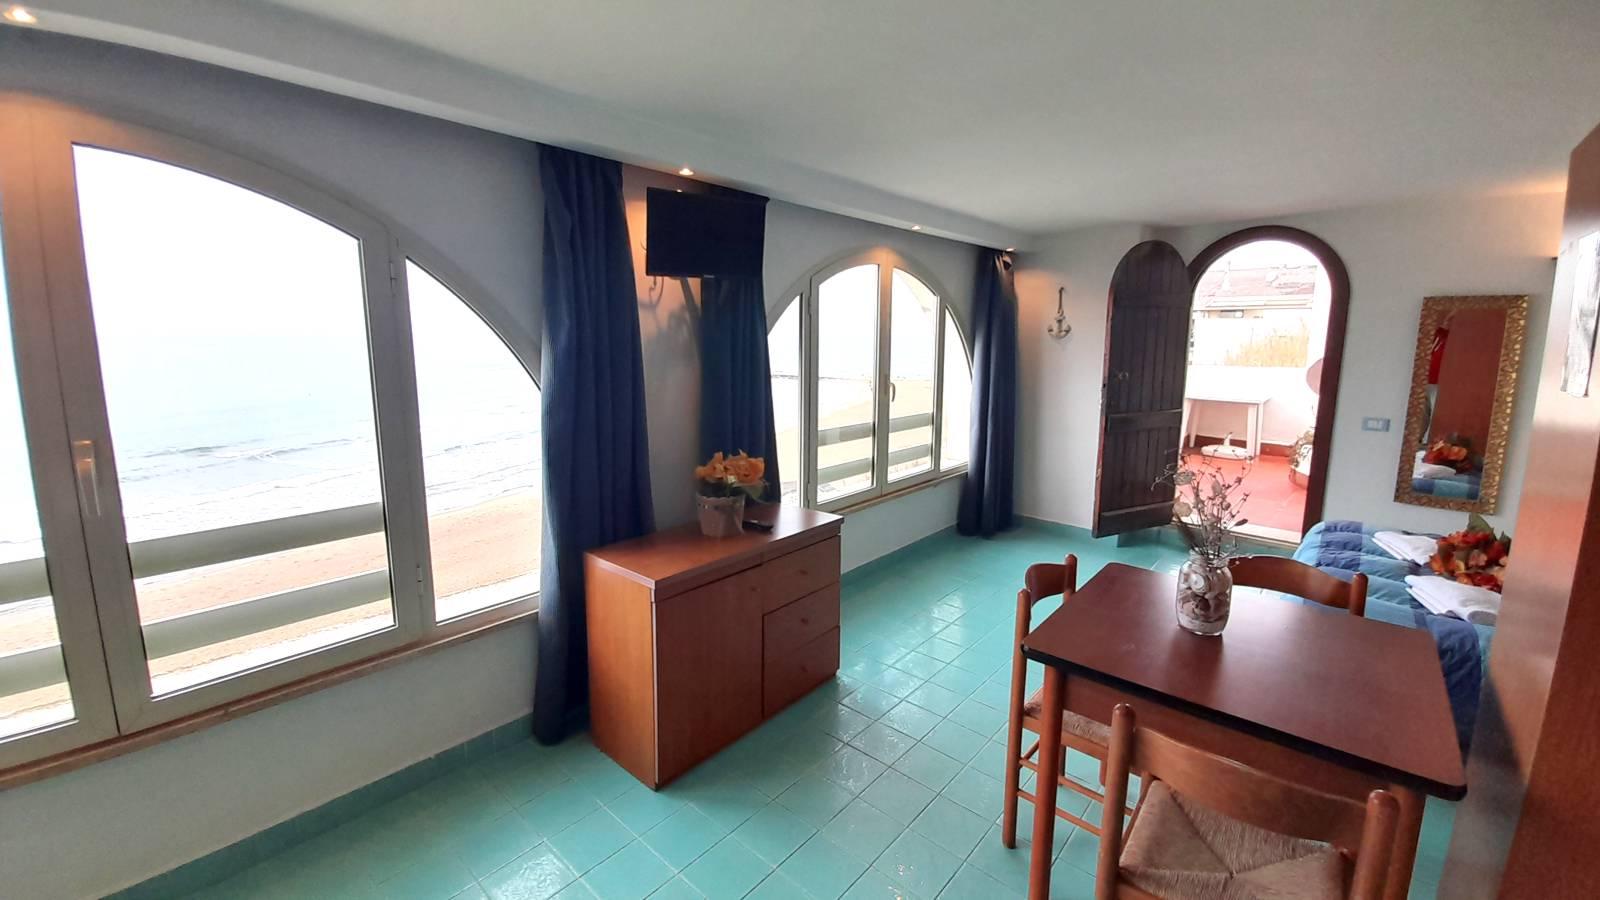 elianto_residence_anzio_appartamenti_fronte_mare_hotel_orchidea_interno_24